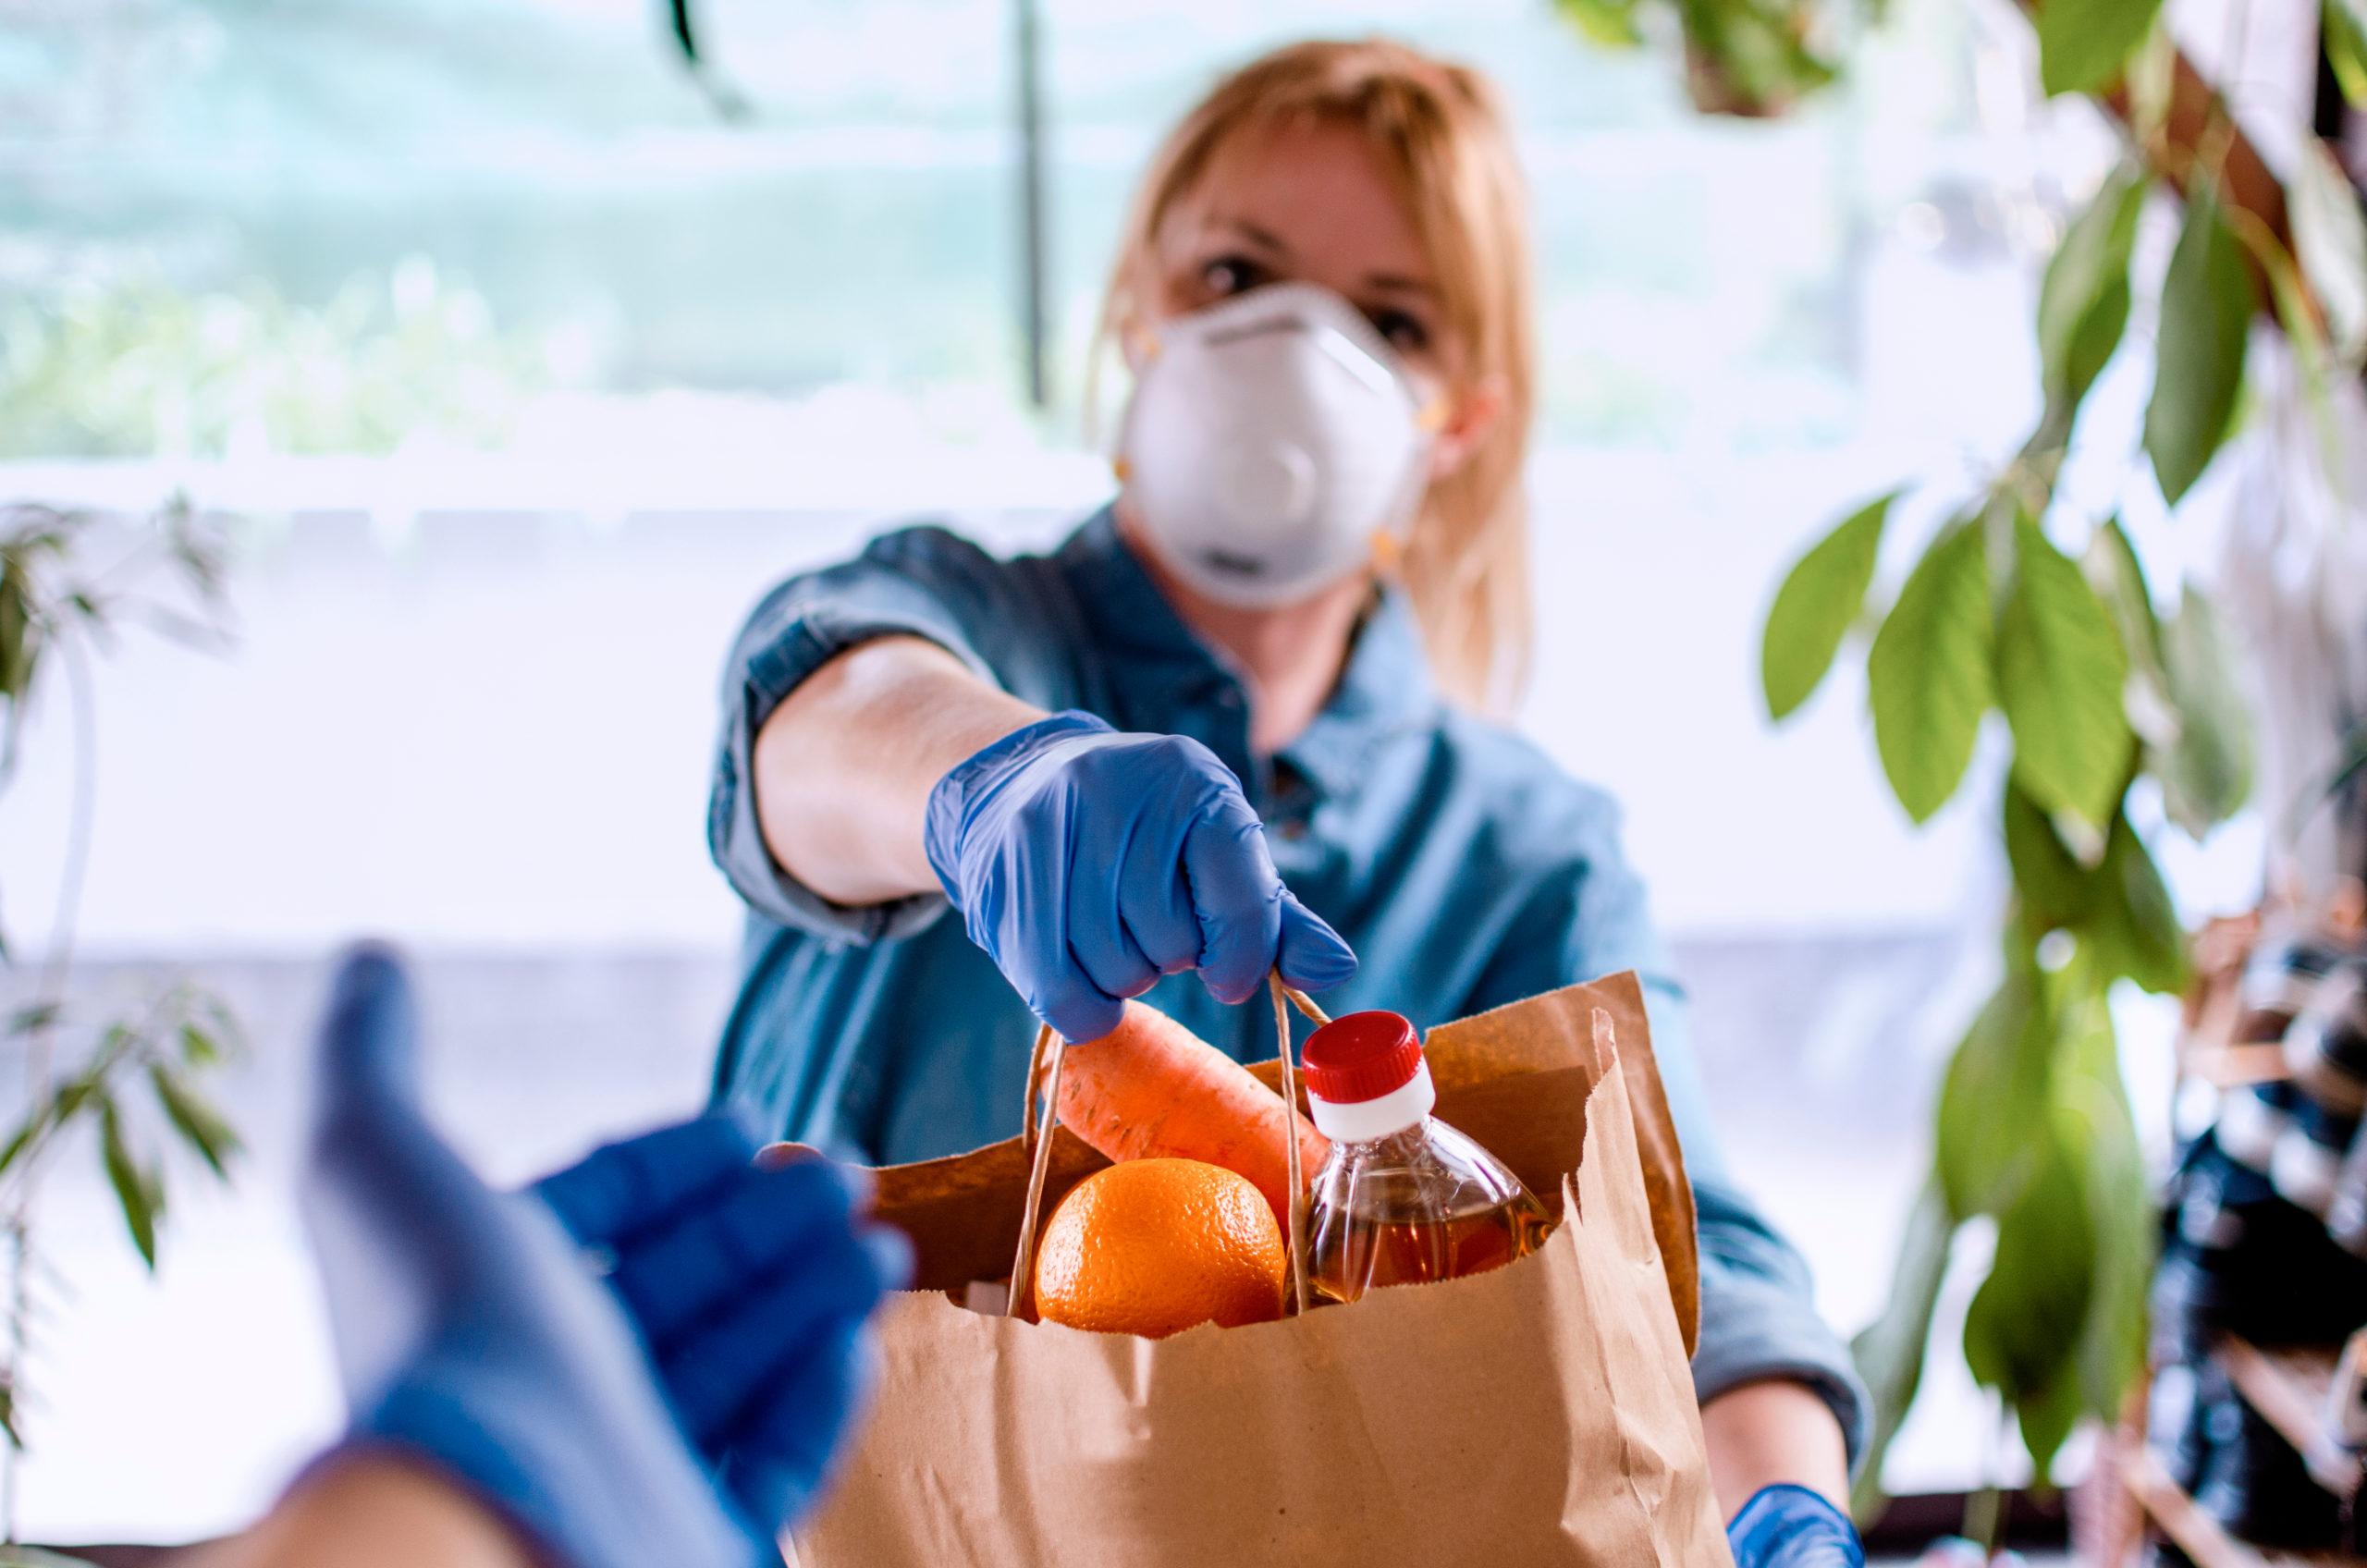 Nanopartículas: la forma más diminuta de contaminar puede estar en tu comida